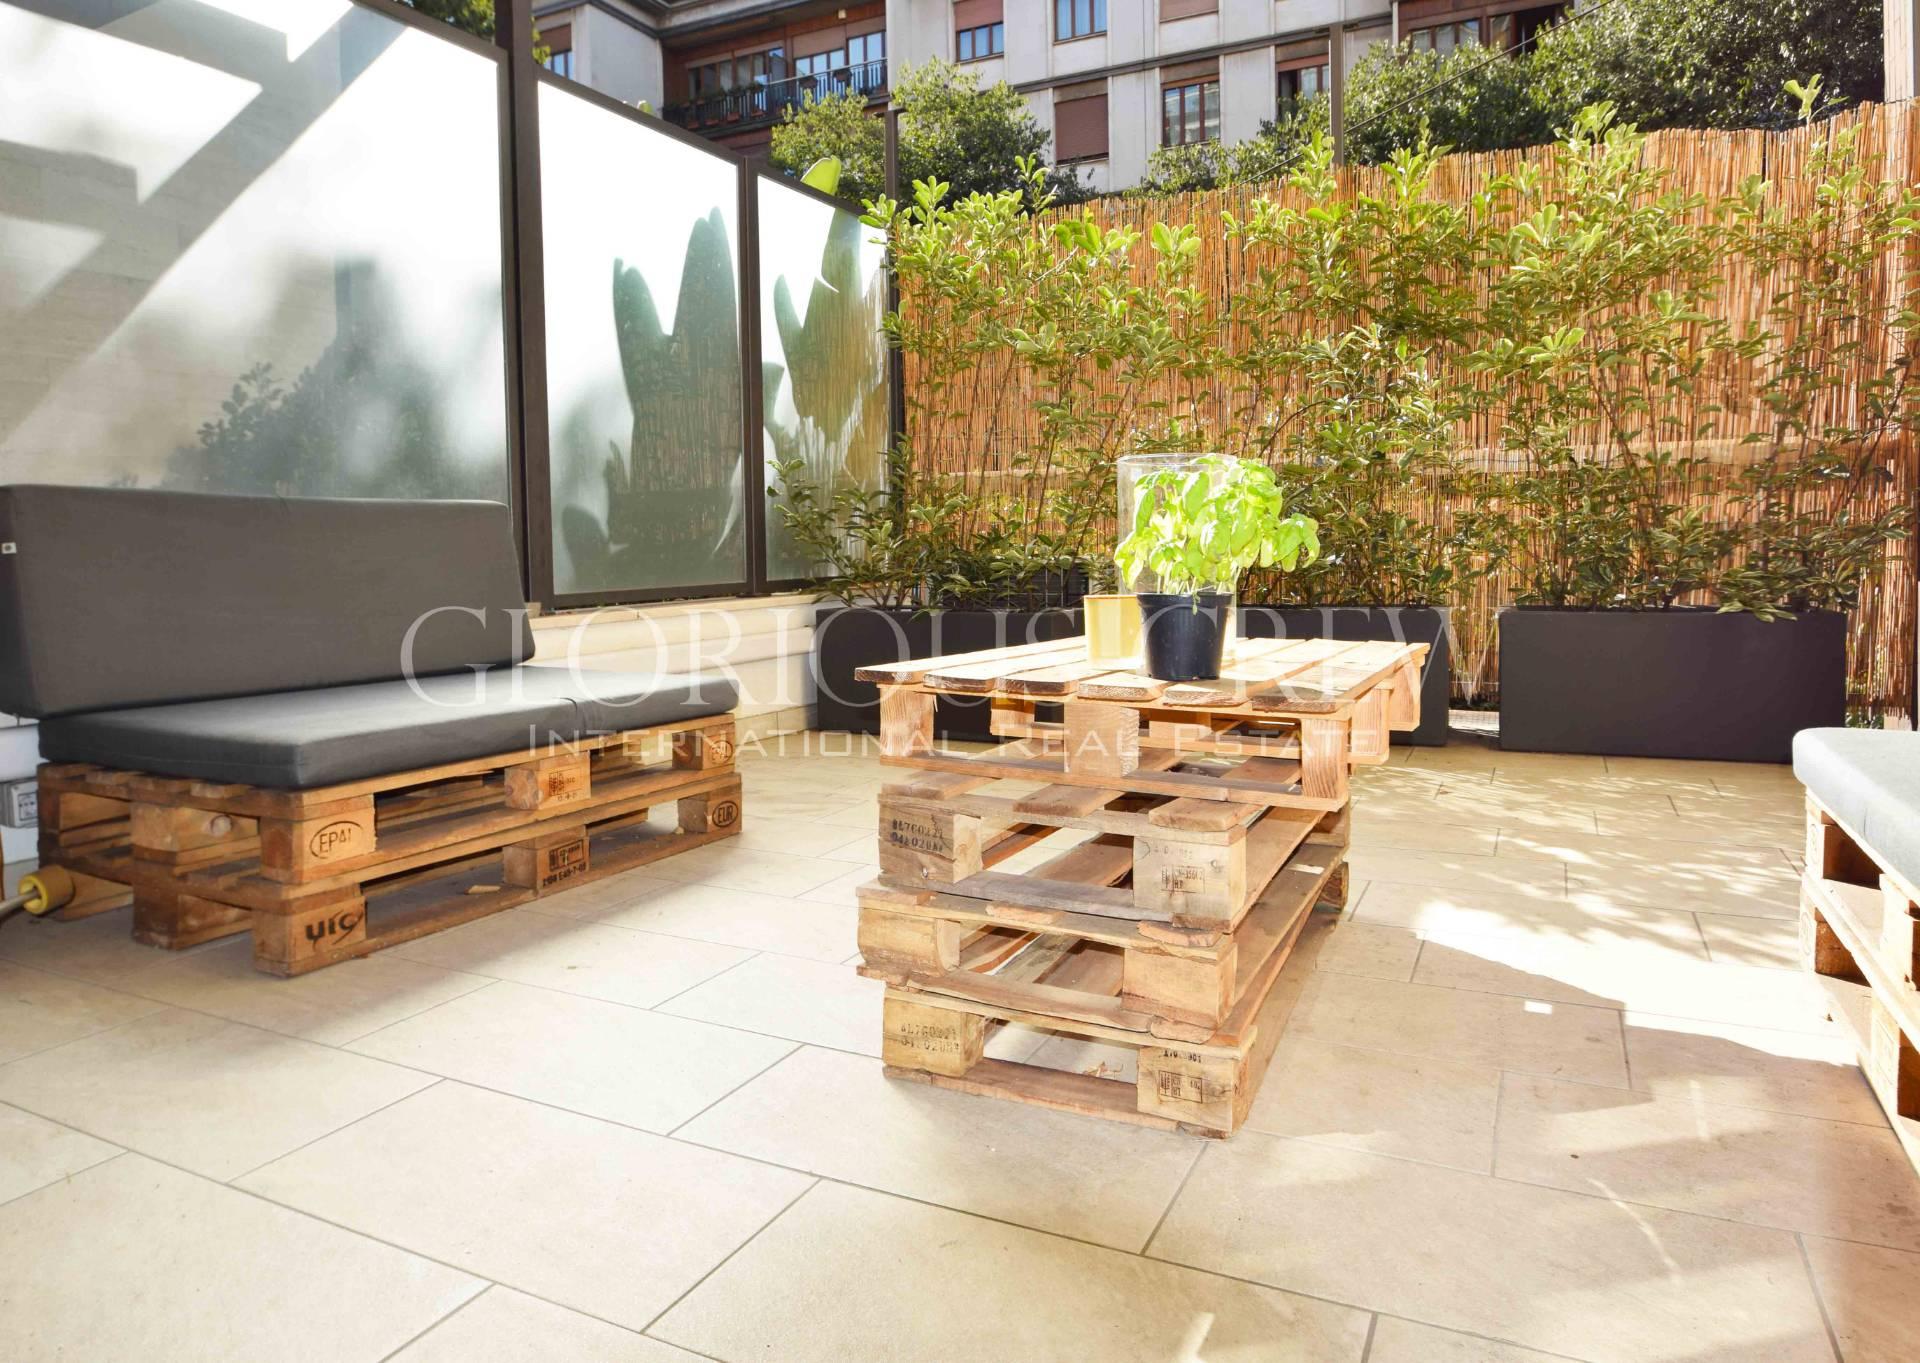 Appartamento in Affitto a Milano 08 Vercelli / Magenta / Cadorna / Washington: 1 locali, 45 mq